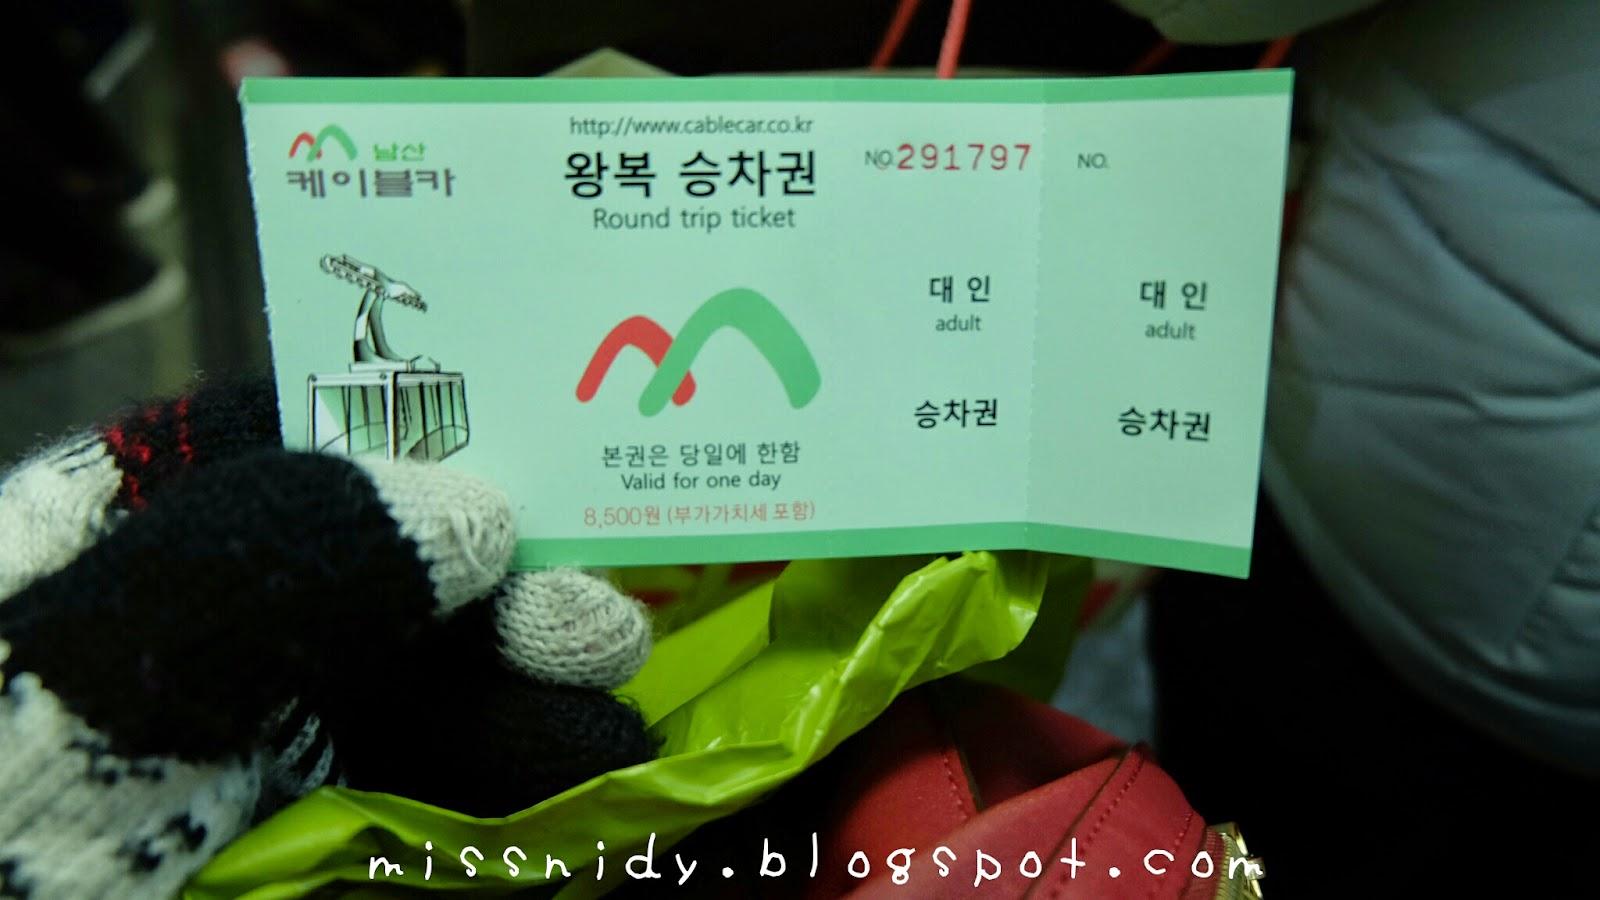 harga tiket cable car di nseoul tower seoul